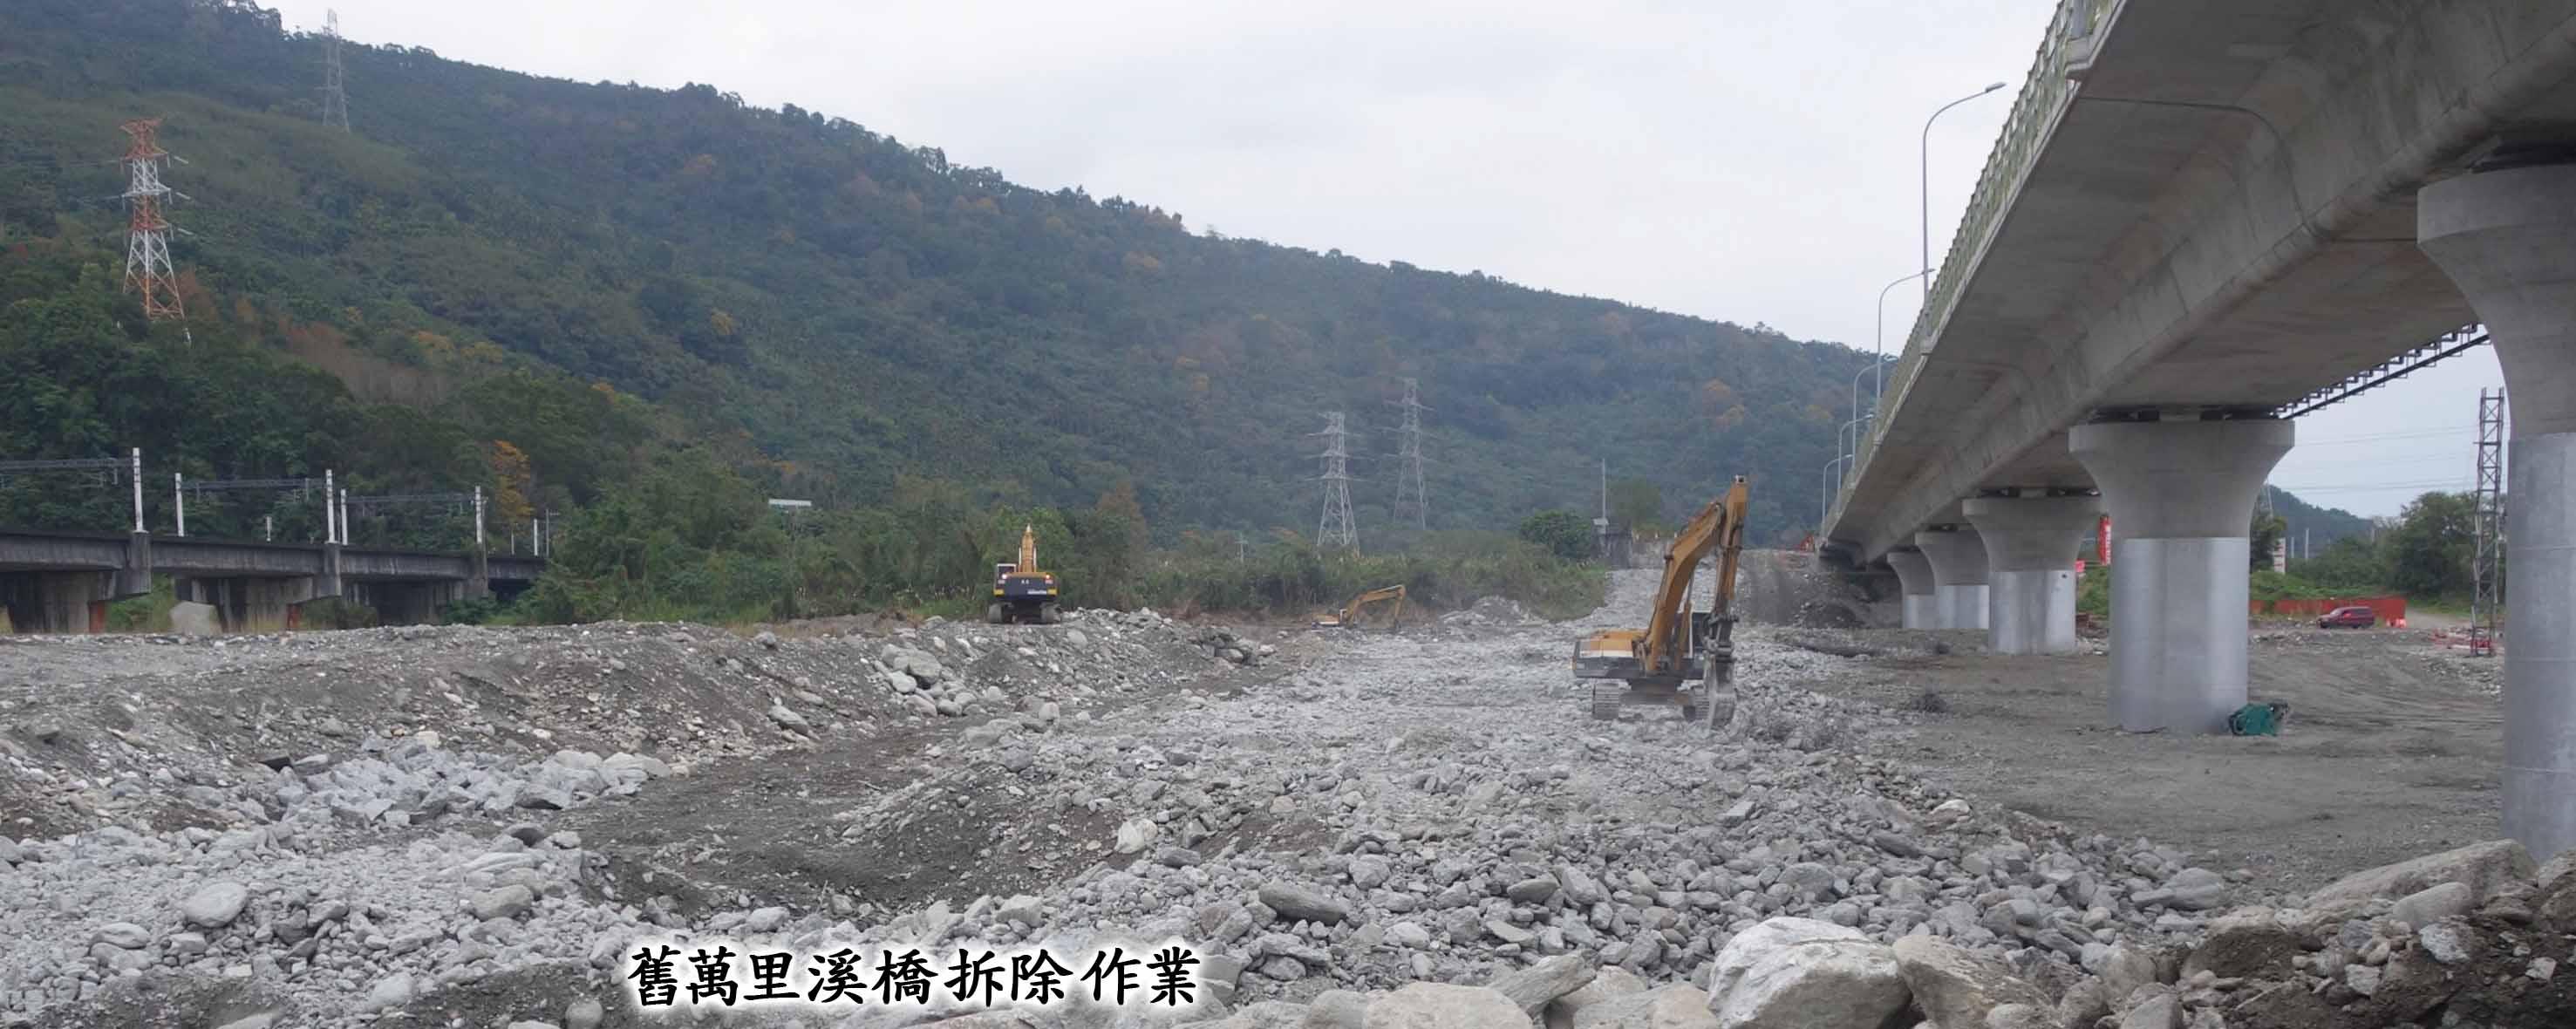 舊萬里溪橋拆除作業